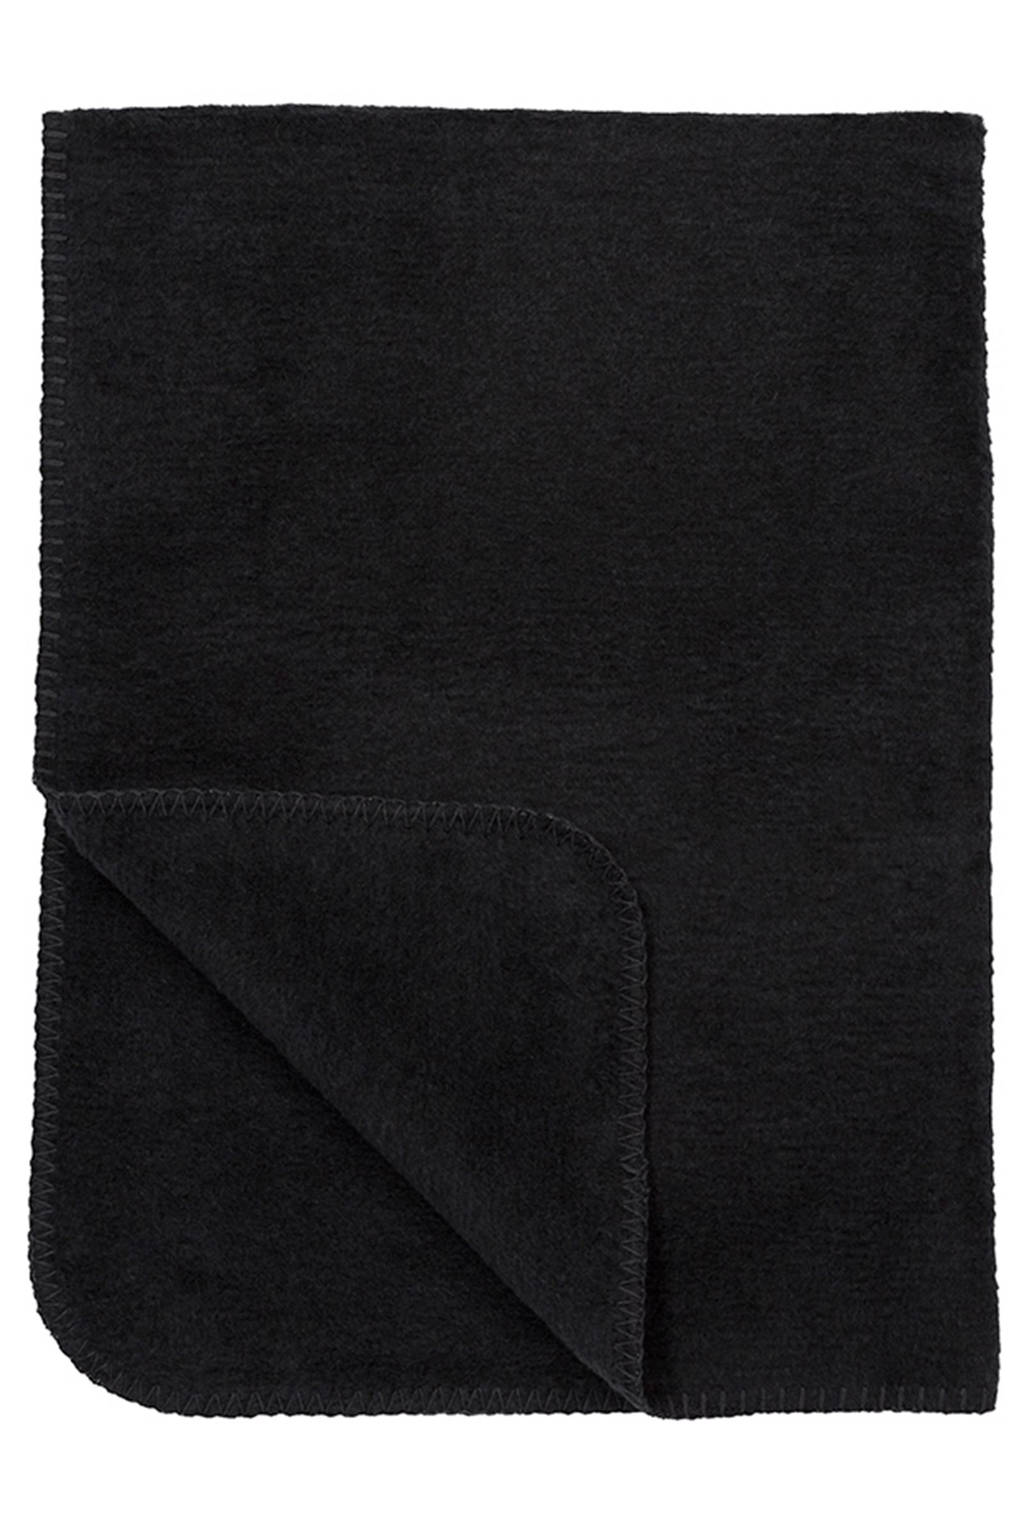 Meyco Uni ledikantdeken 100x150 cm zwart, Zwart